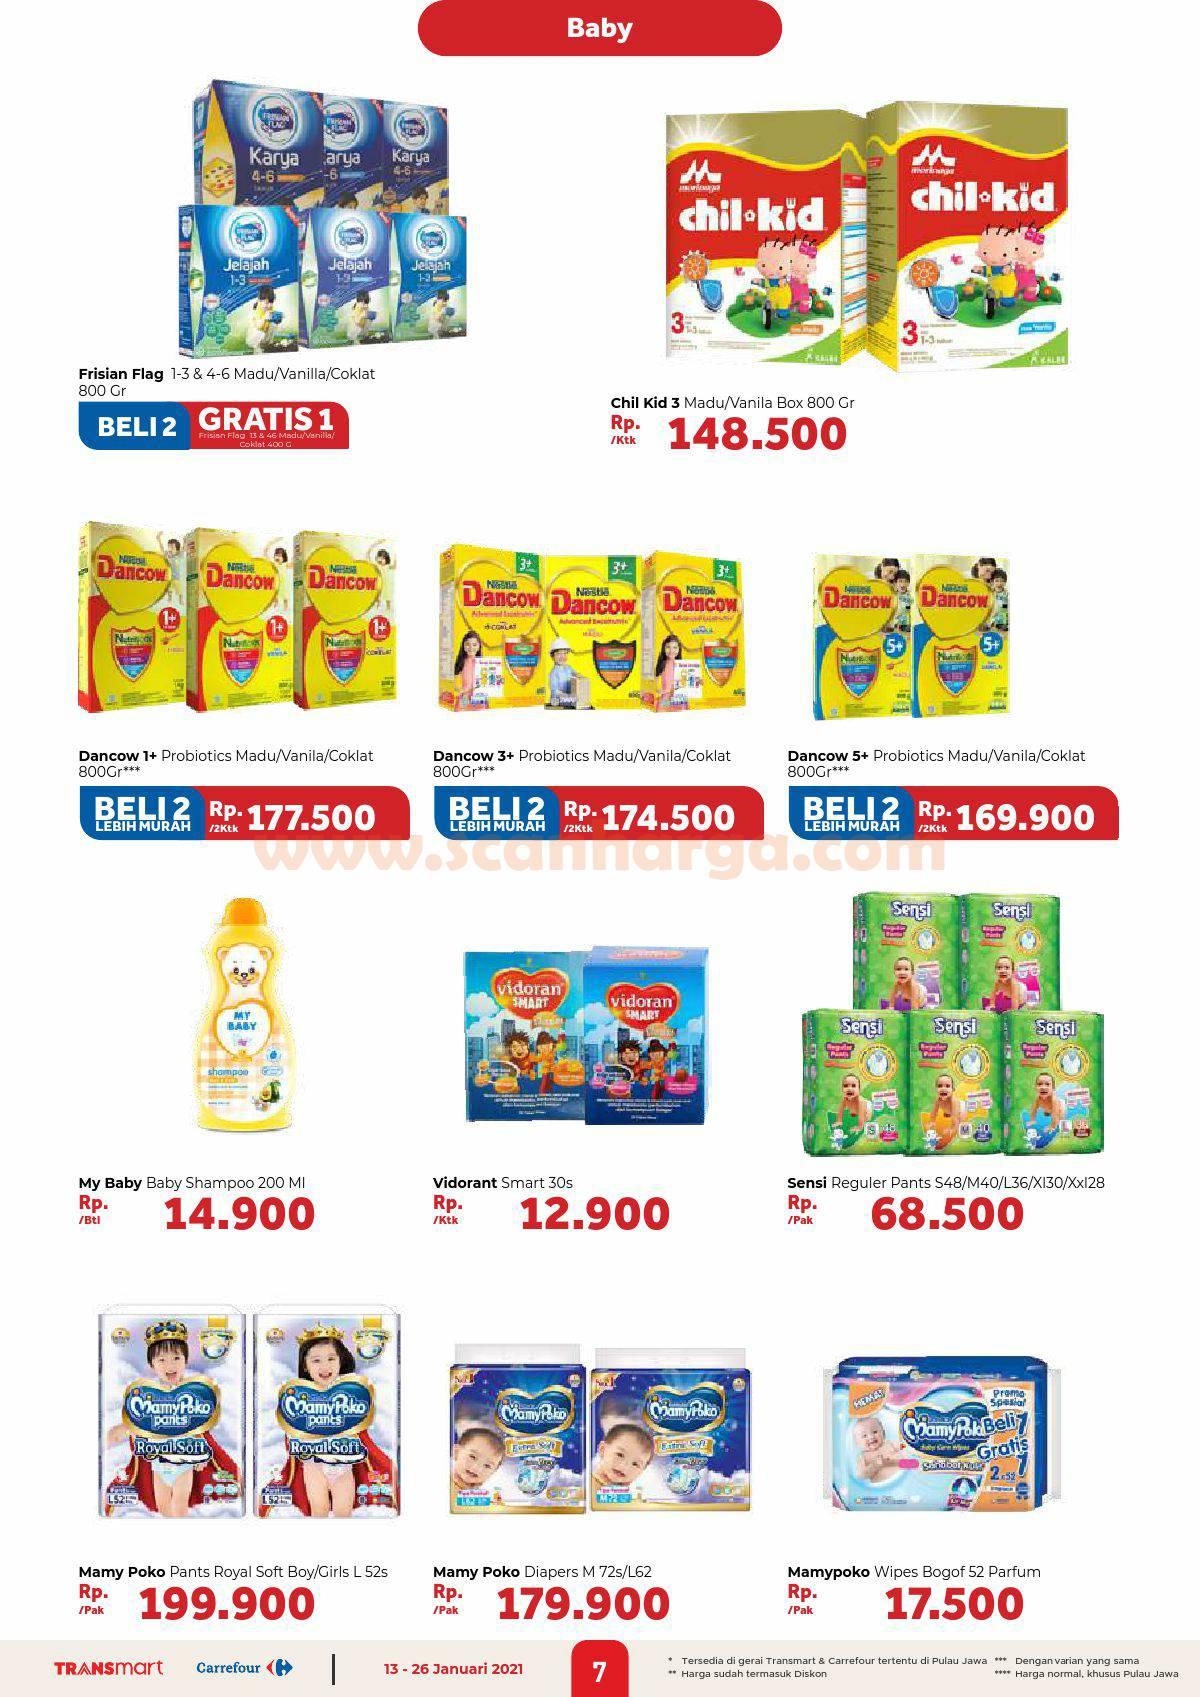 Katalog Promo Carrefour Transmart 13 - 26 Januari 2021 7